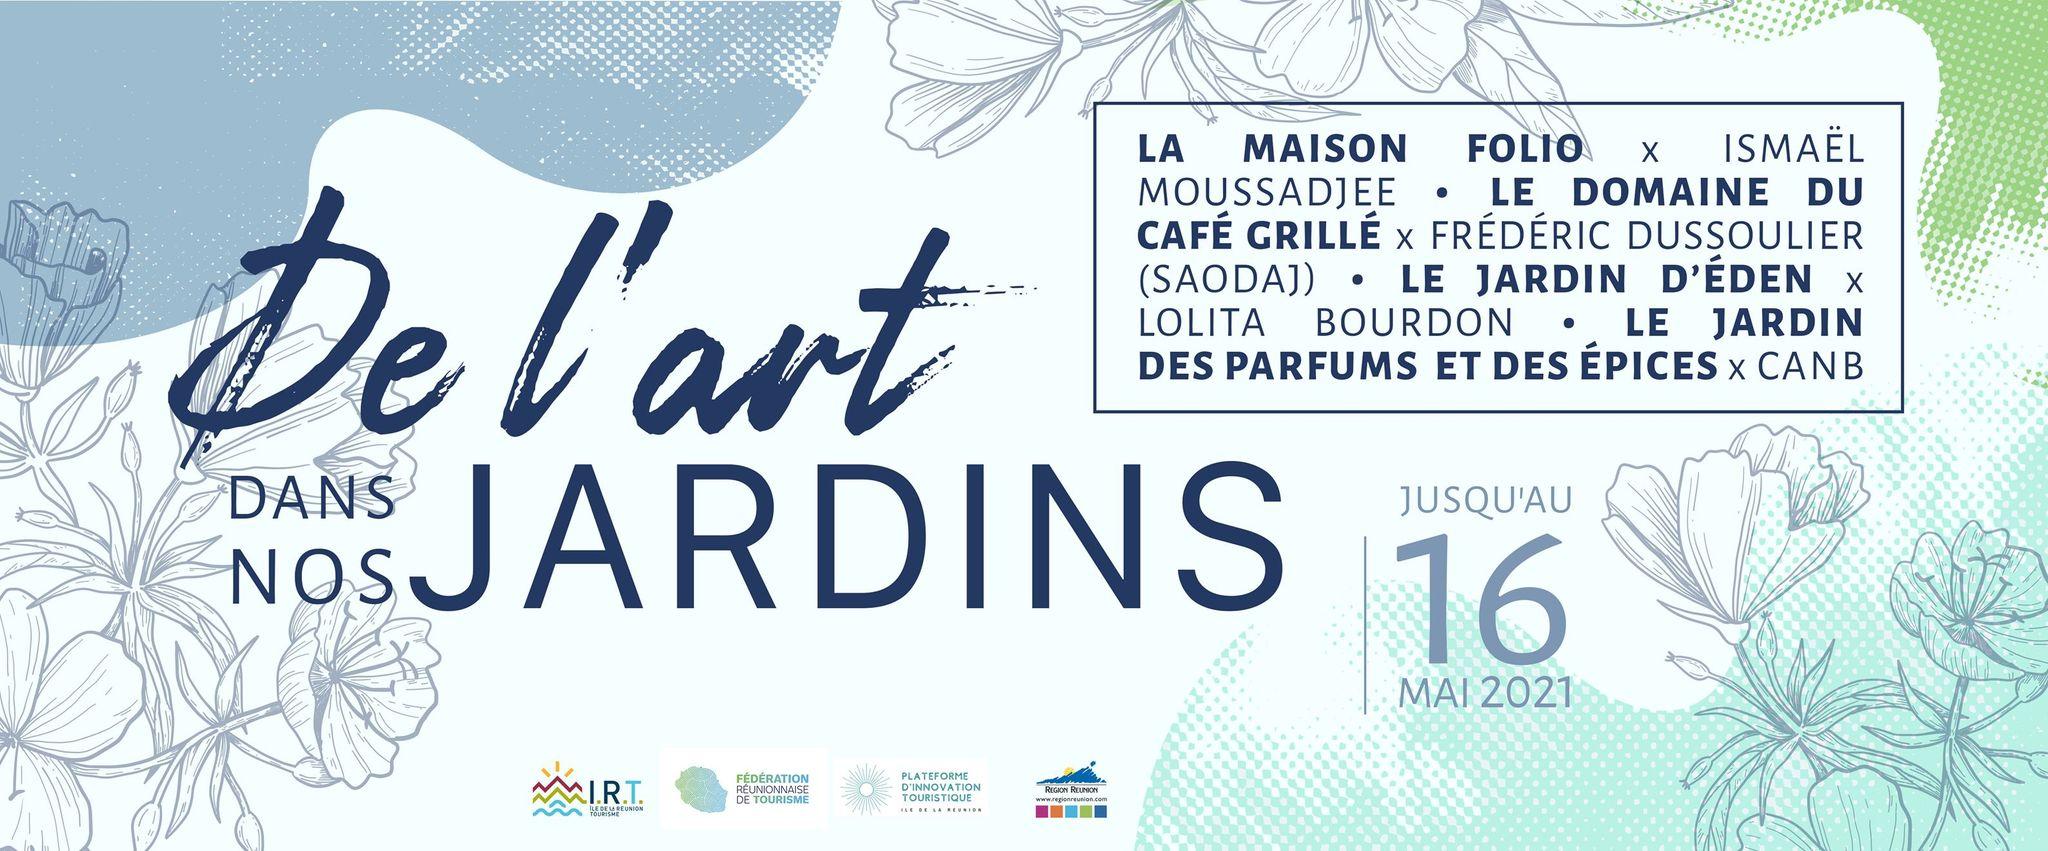 DE L'ART DANS NOS JARDINS - ATELIER AVEC L'ARTISTE LOLITA BOURDON